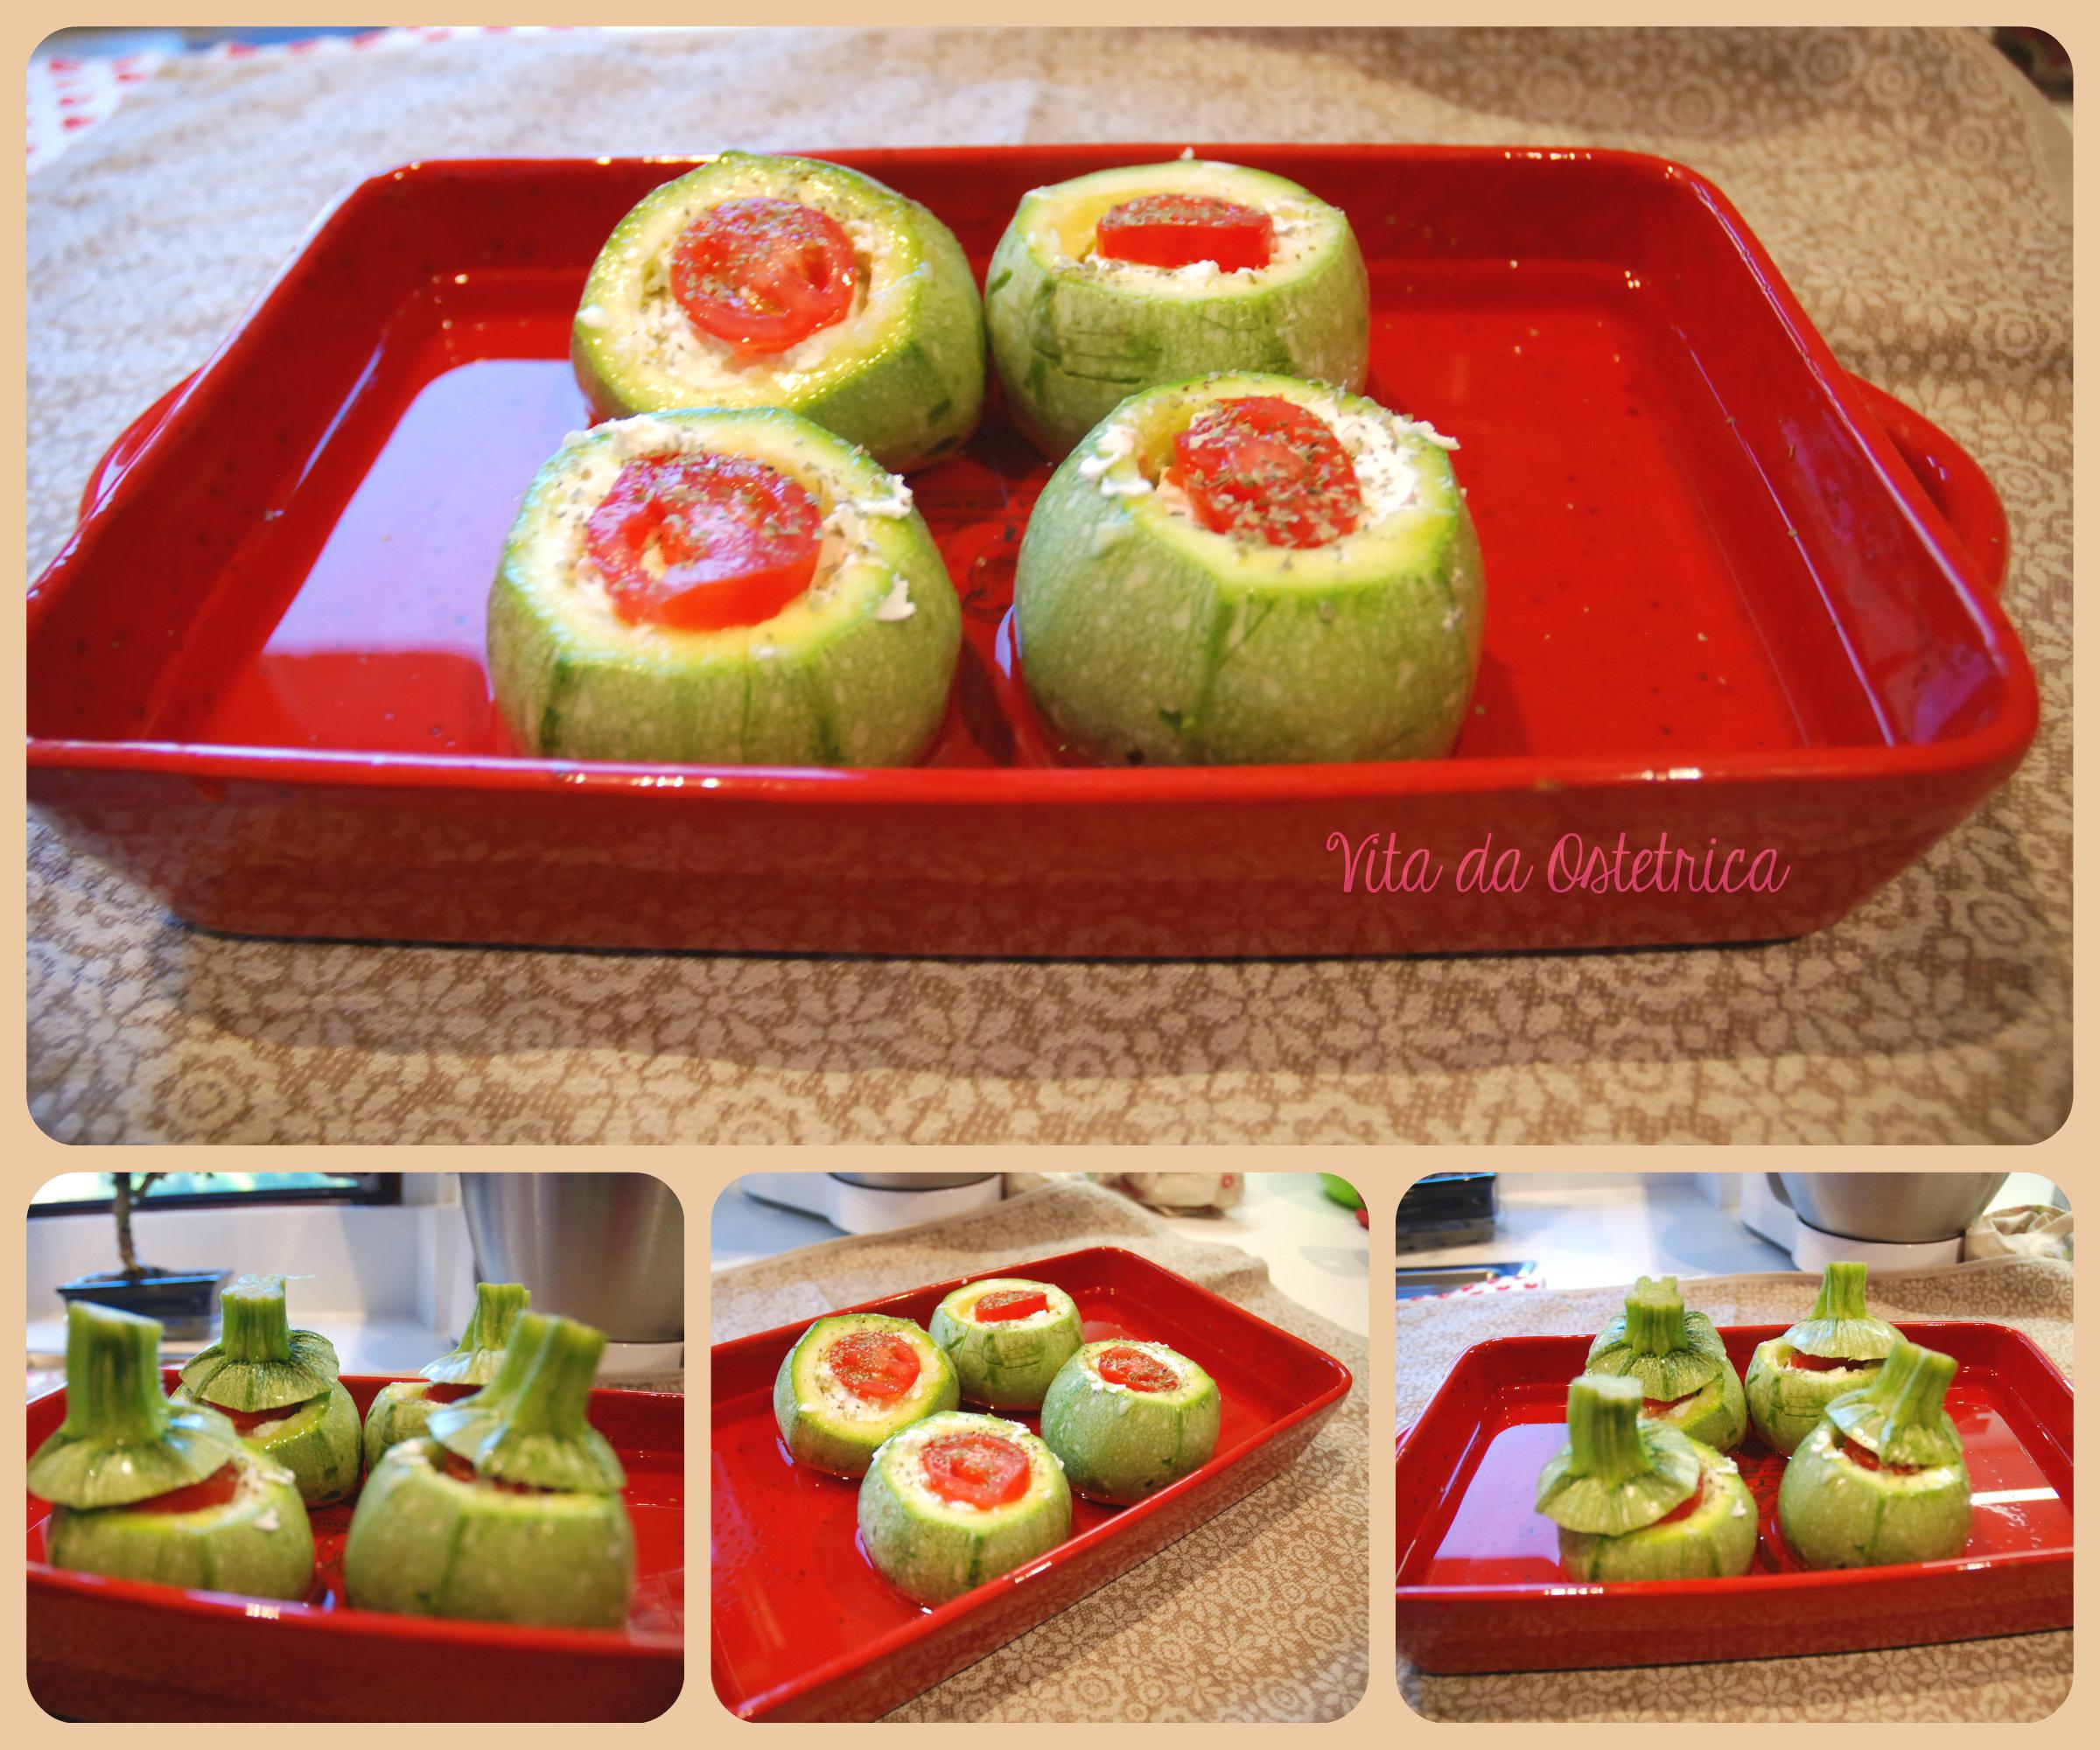 Zucchine ripiene la mia versione vegetariana vita da for Cucinare zucchine tonde